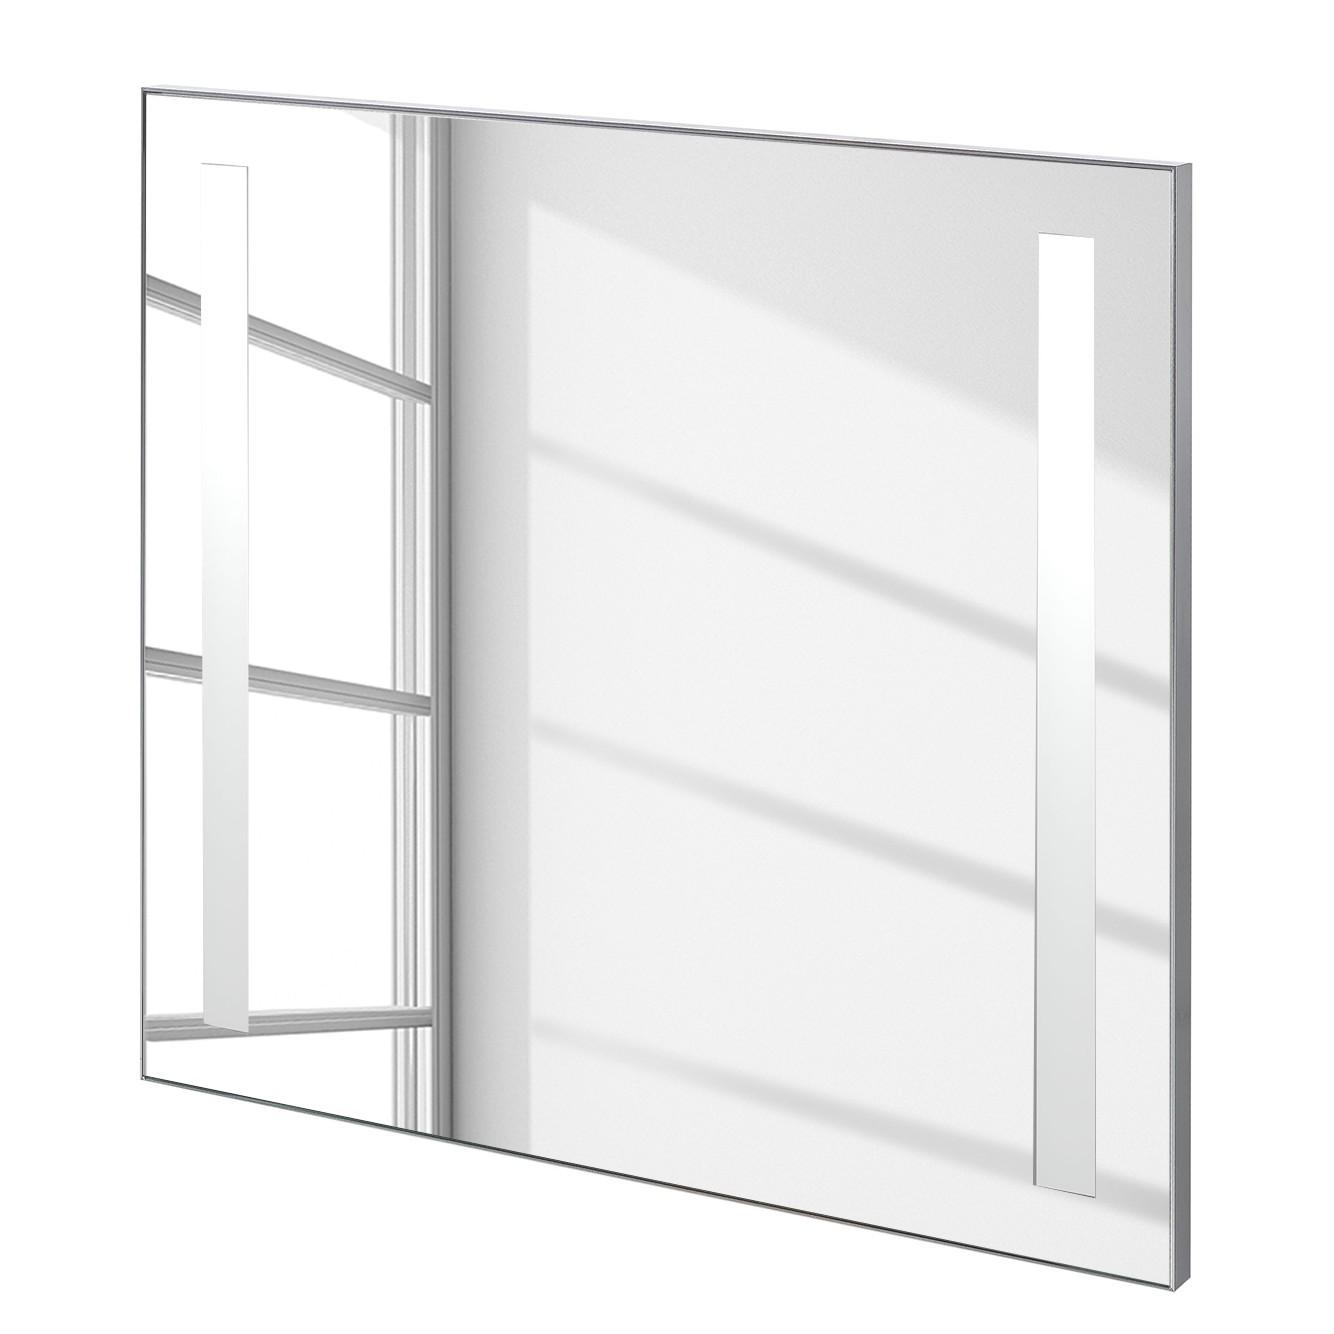 energie  A+_ Spiegel SE inclusief verlichting   aluminium   70_ Schildmeyer